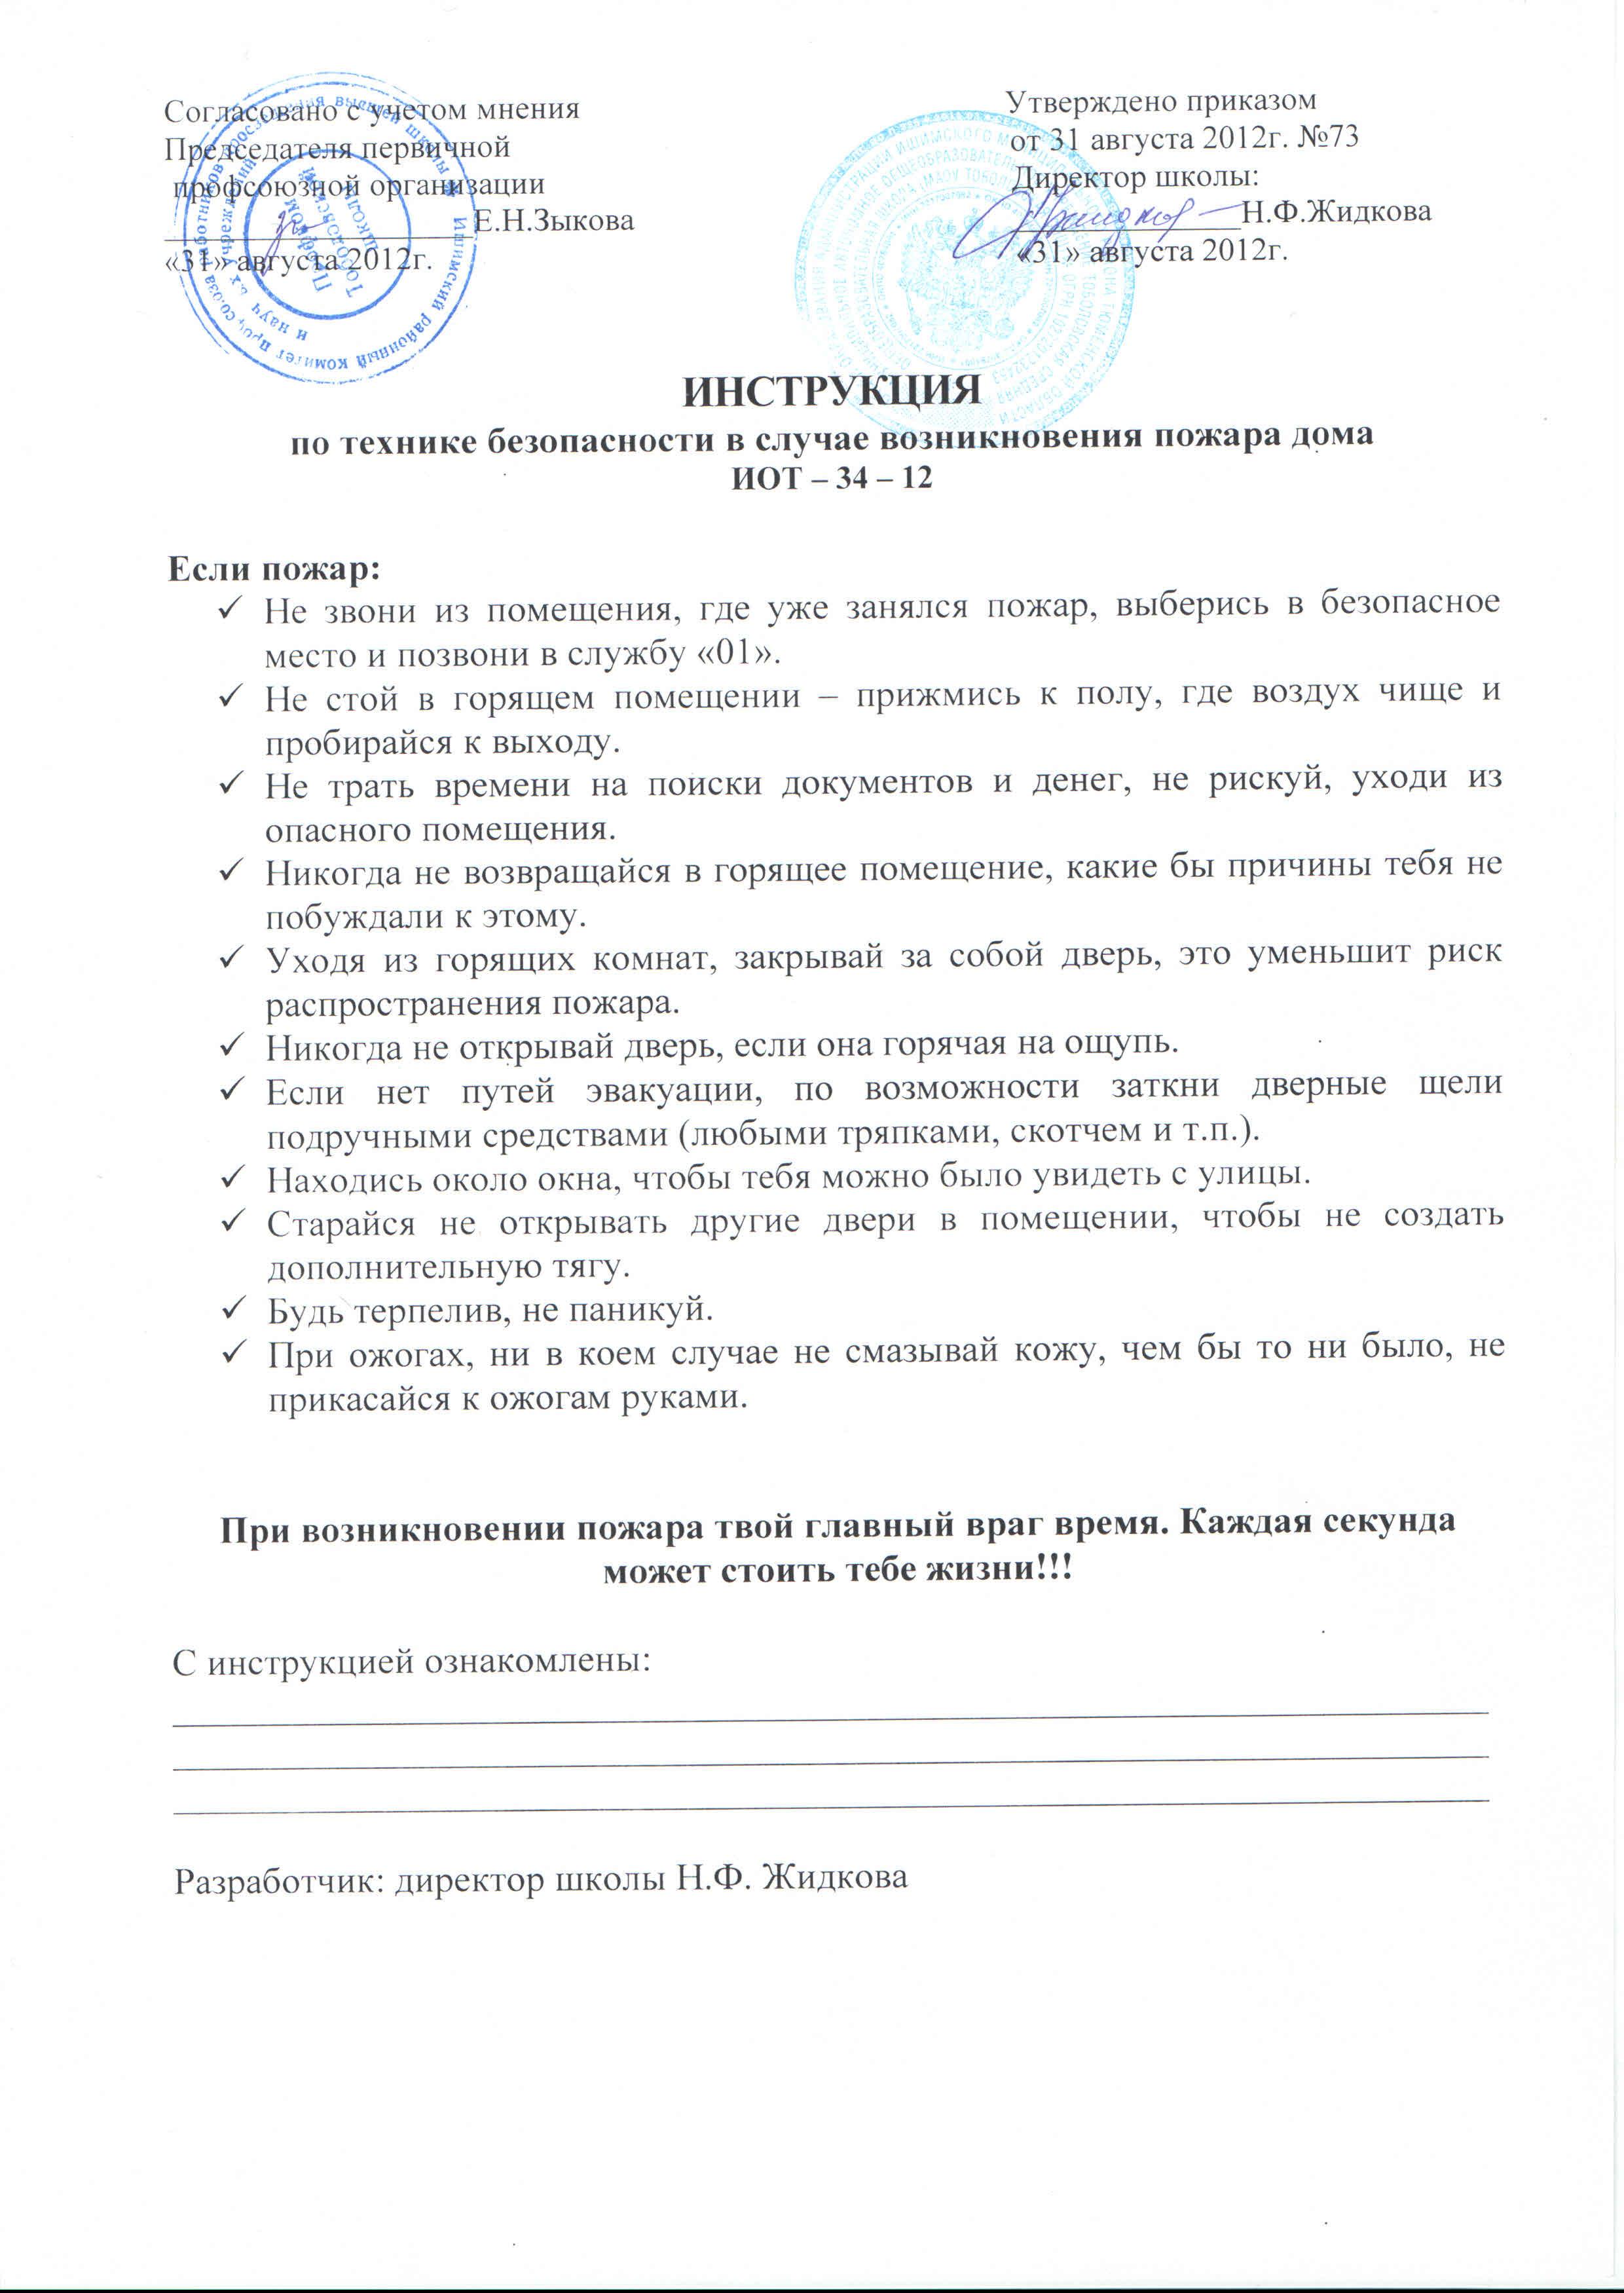 Инструкции и правила по охране труда